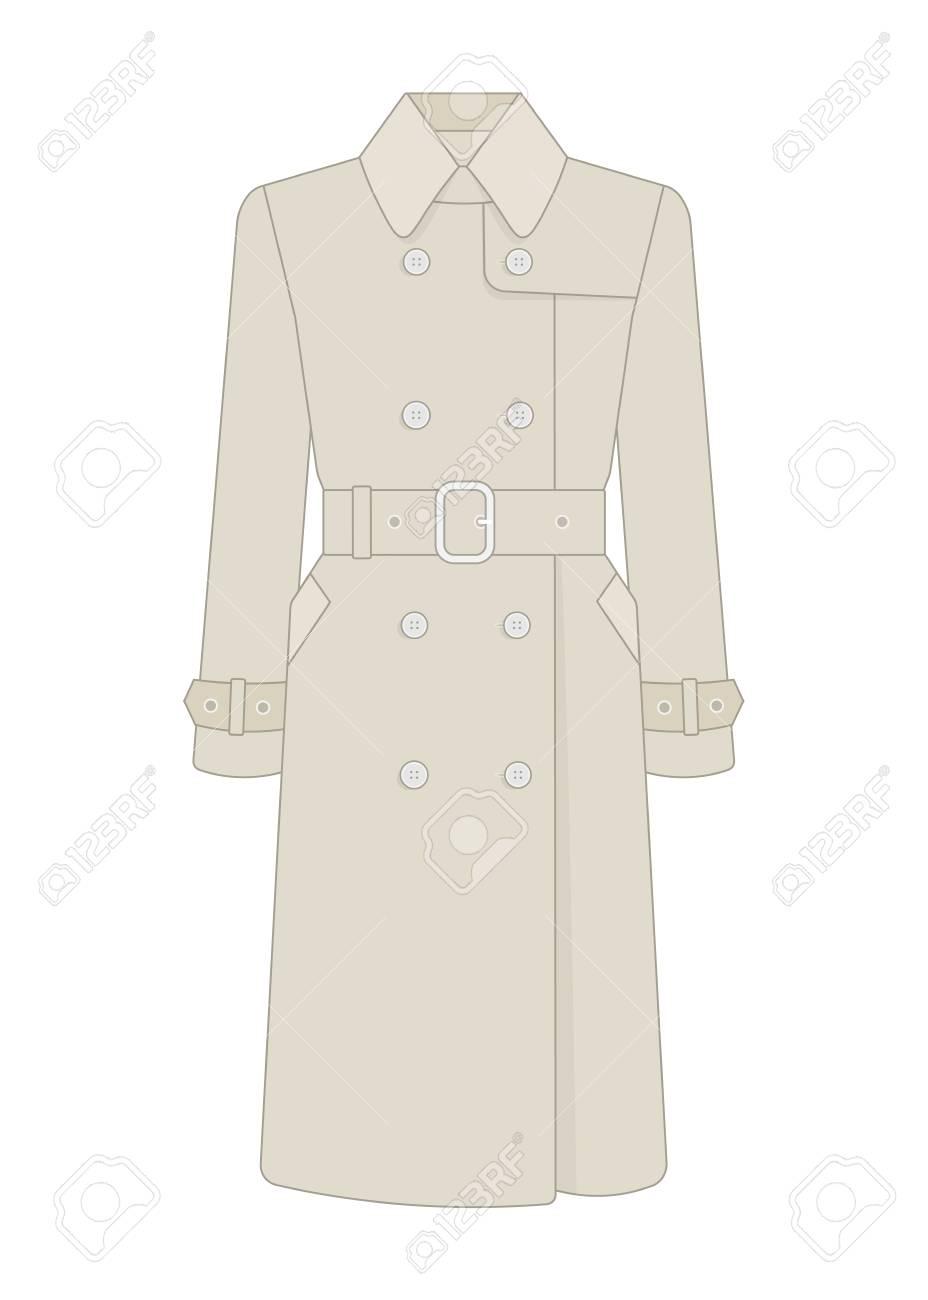 e40bbda88cde Foto de archivo - Gabardina para mujer con cinturón. Modelo de moda del  guardarropa de las mujeres. Ilustración vectorial